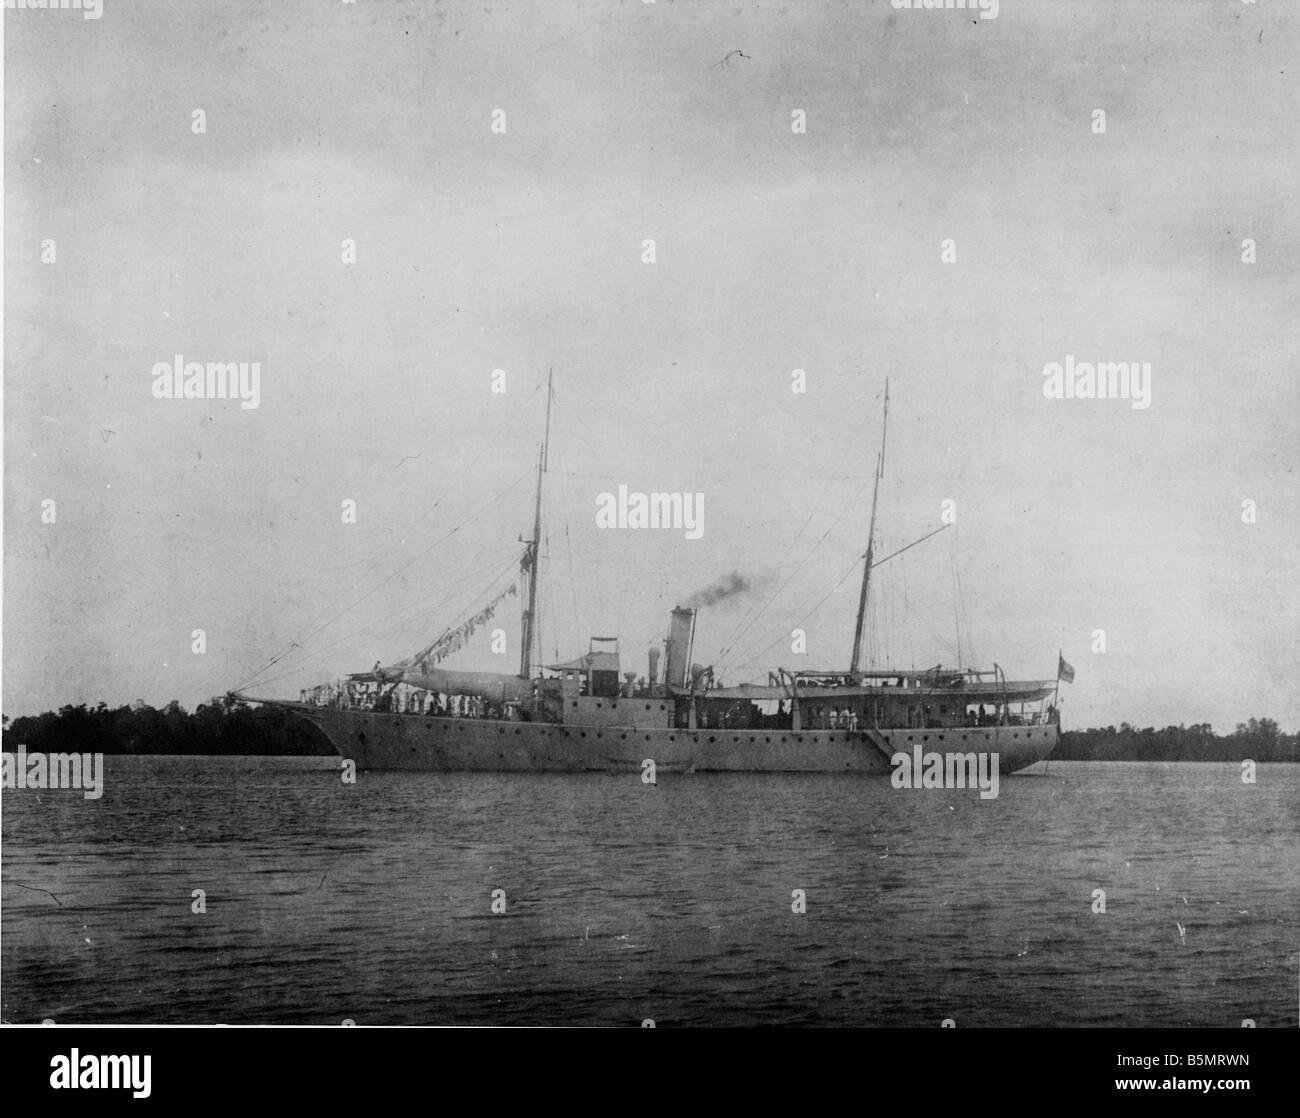 S M S Moewe Rufidji en Afrique orientale allemande Photo Tanzanie maintenant comme une colonie allemande 1884 1920 S M S Moewe Rufidji en 1914 Photo Banque D'Images